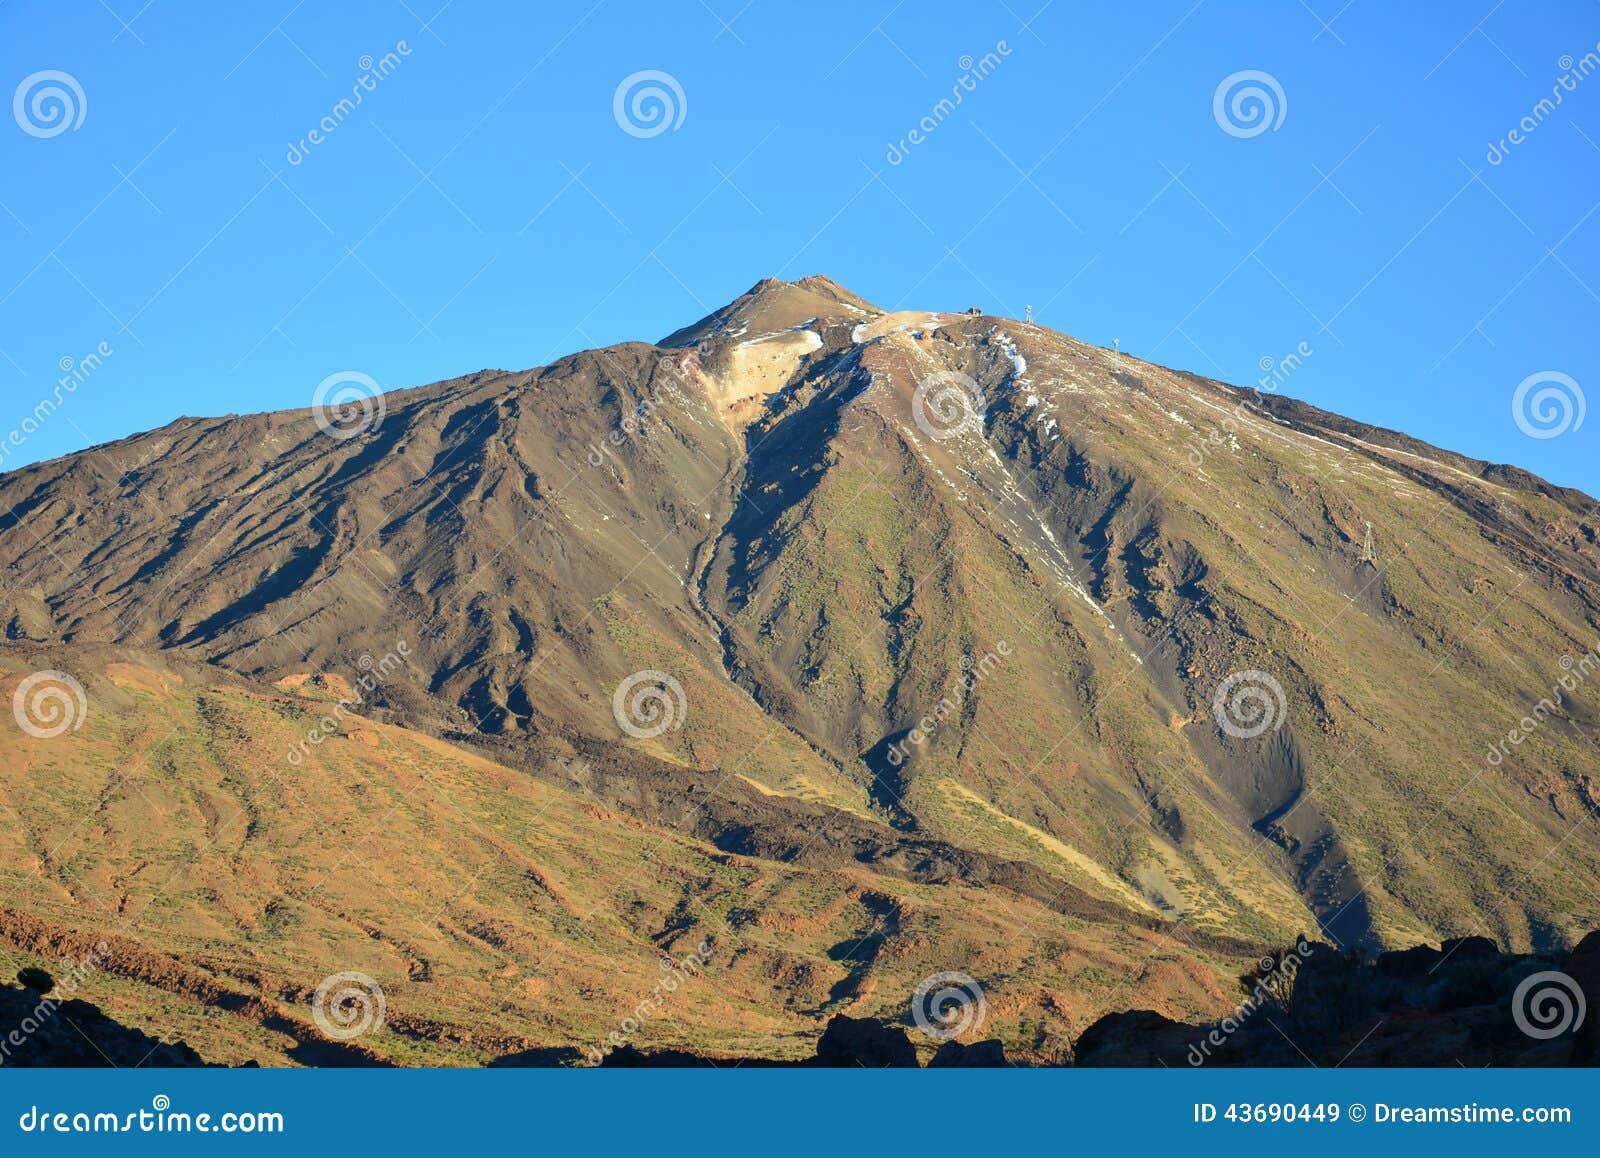 Les falaises de volcan de lave de montagne bascule platon, lever de soleil dans les montagnes, paysage de montagne, paysage, Teid